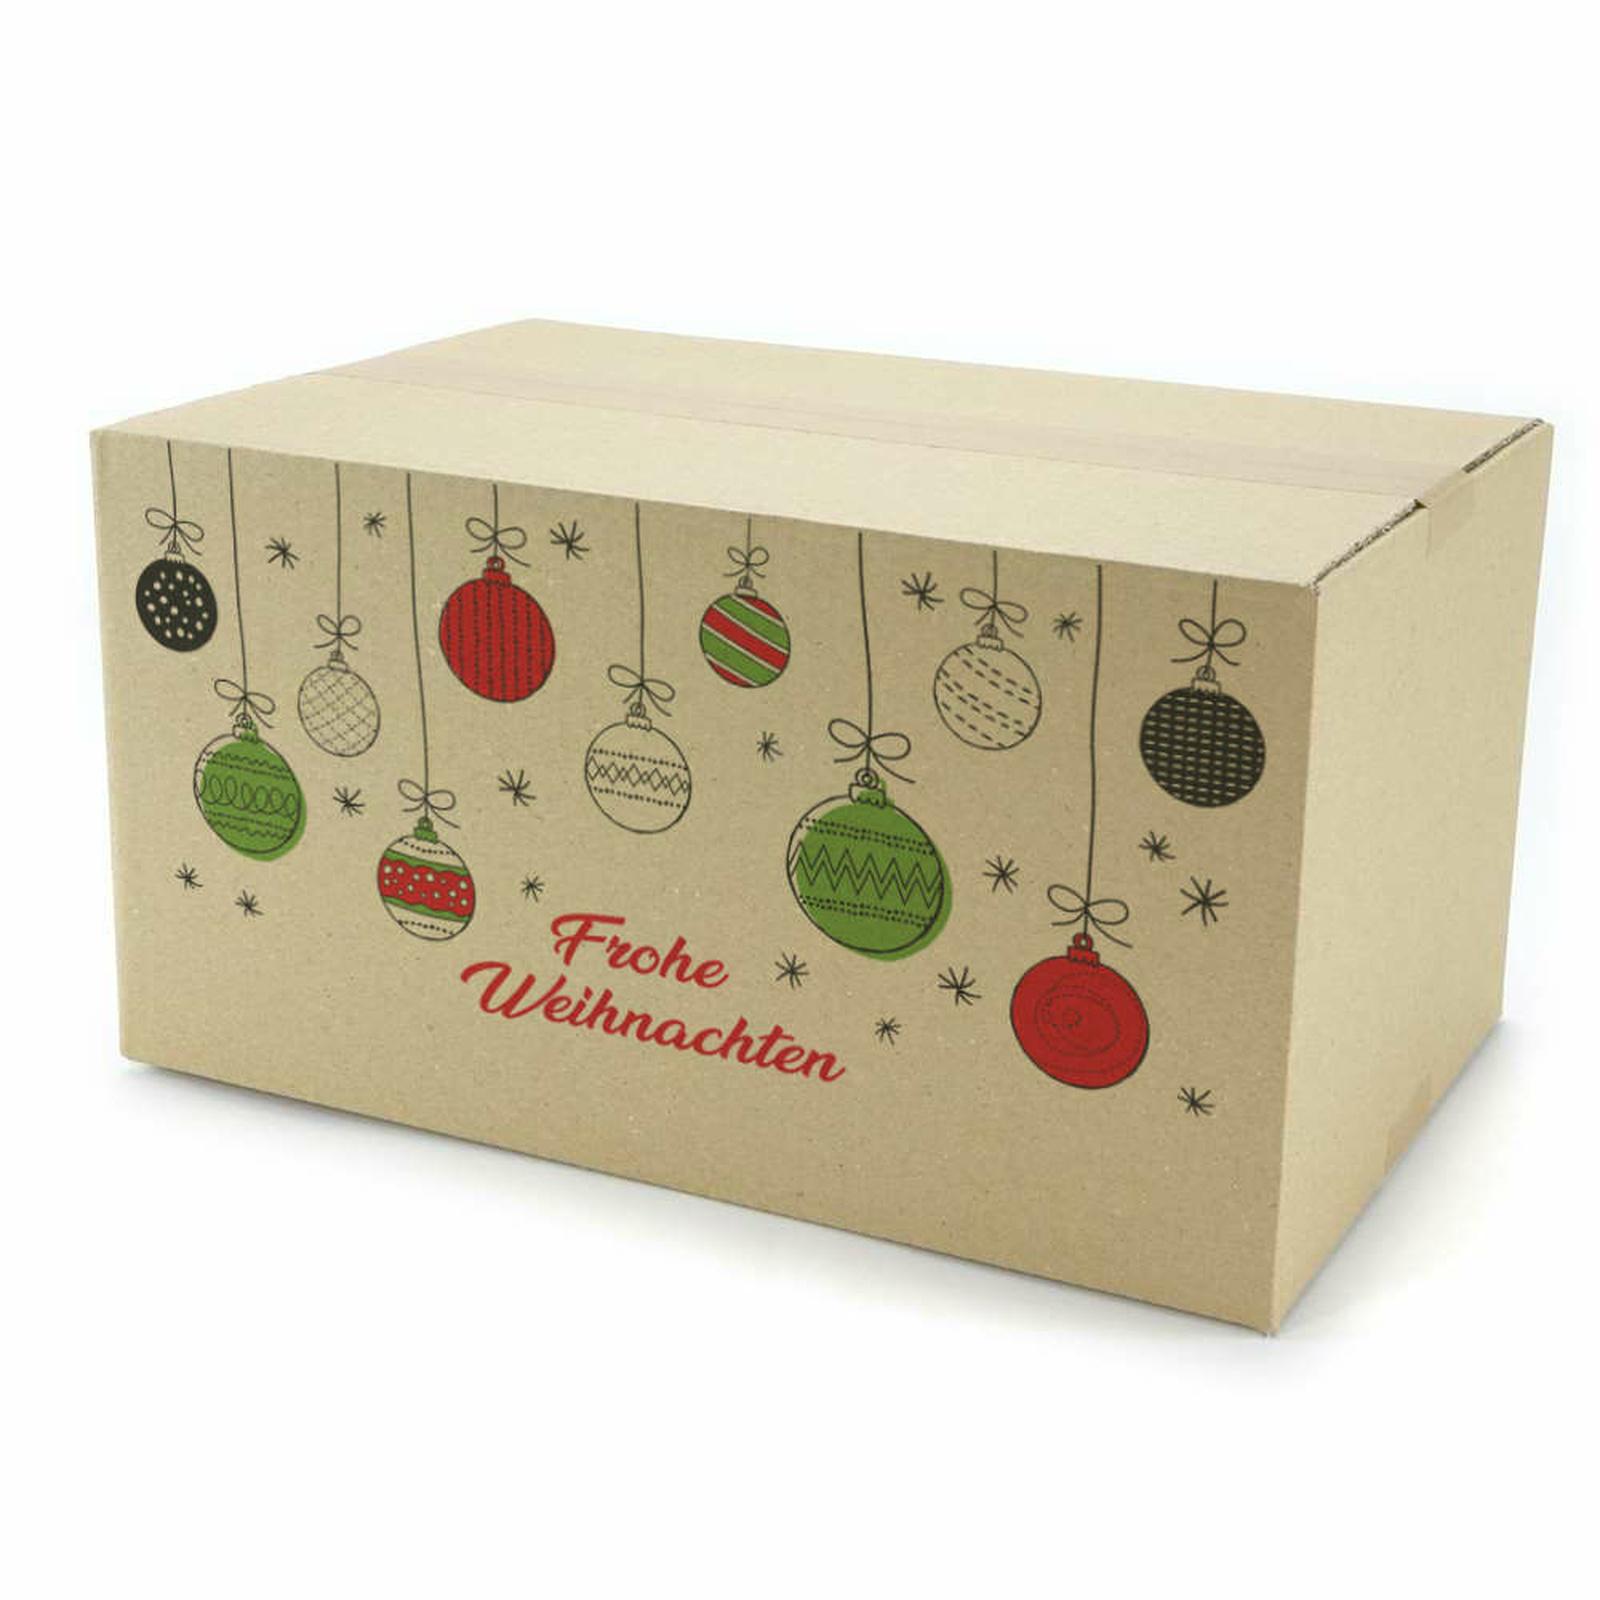 einwellige kartons 380x250x200 mm mit weihnachtsmotiv. Black Bedroom Furniture Sets. Home Design Ideas